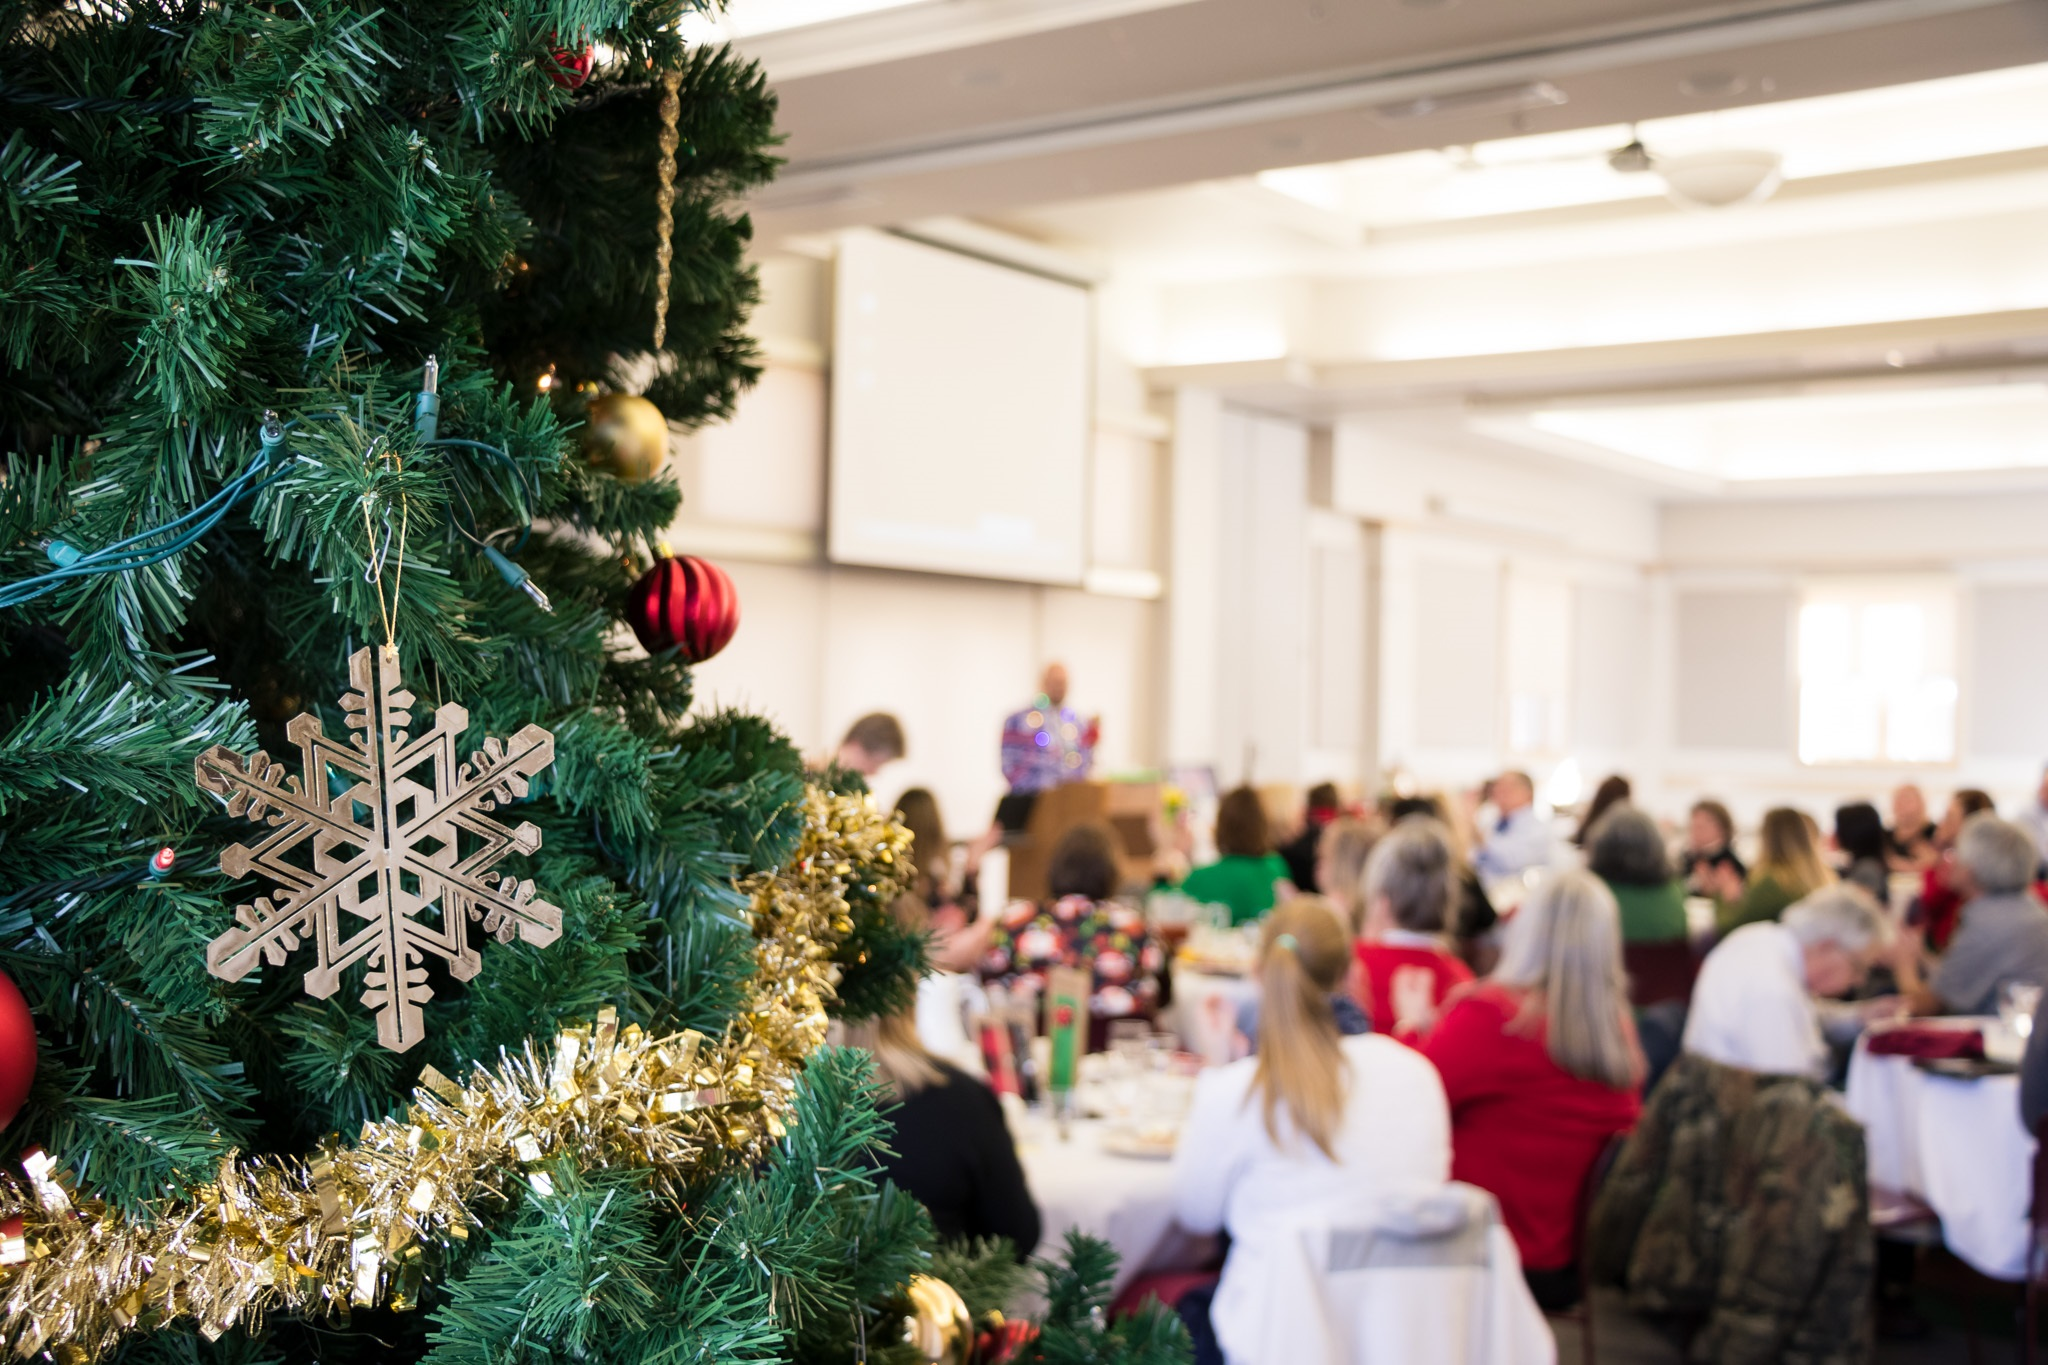 Employee Holiday Luncheon held